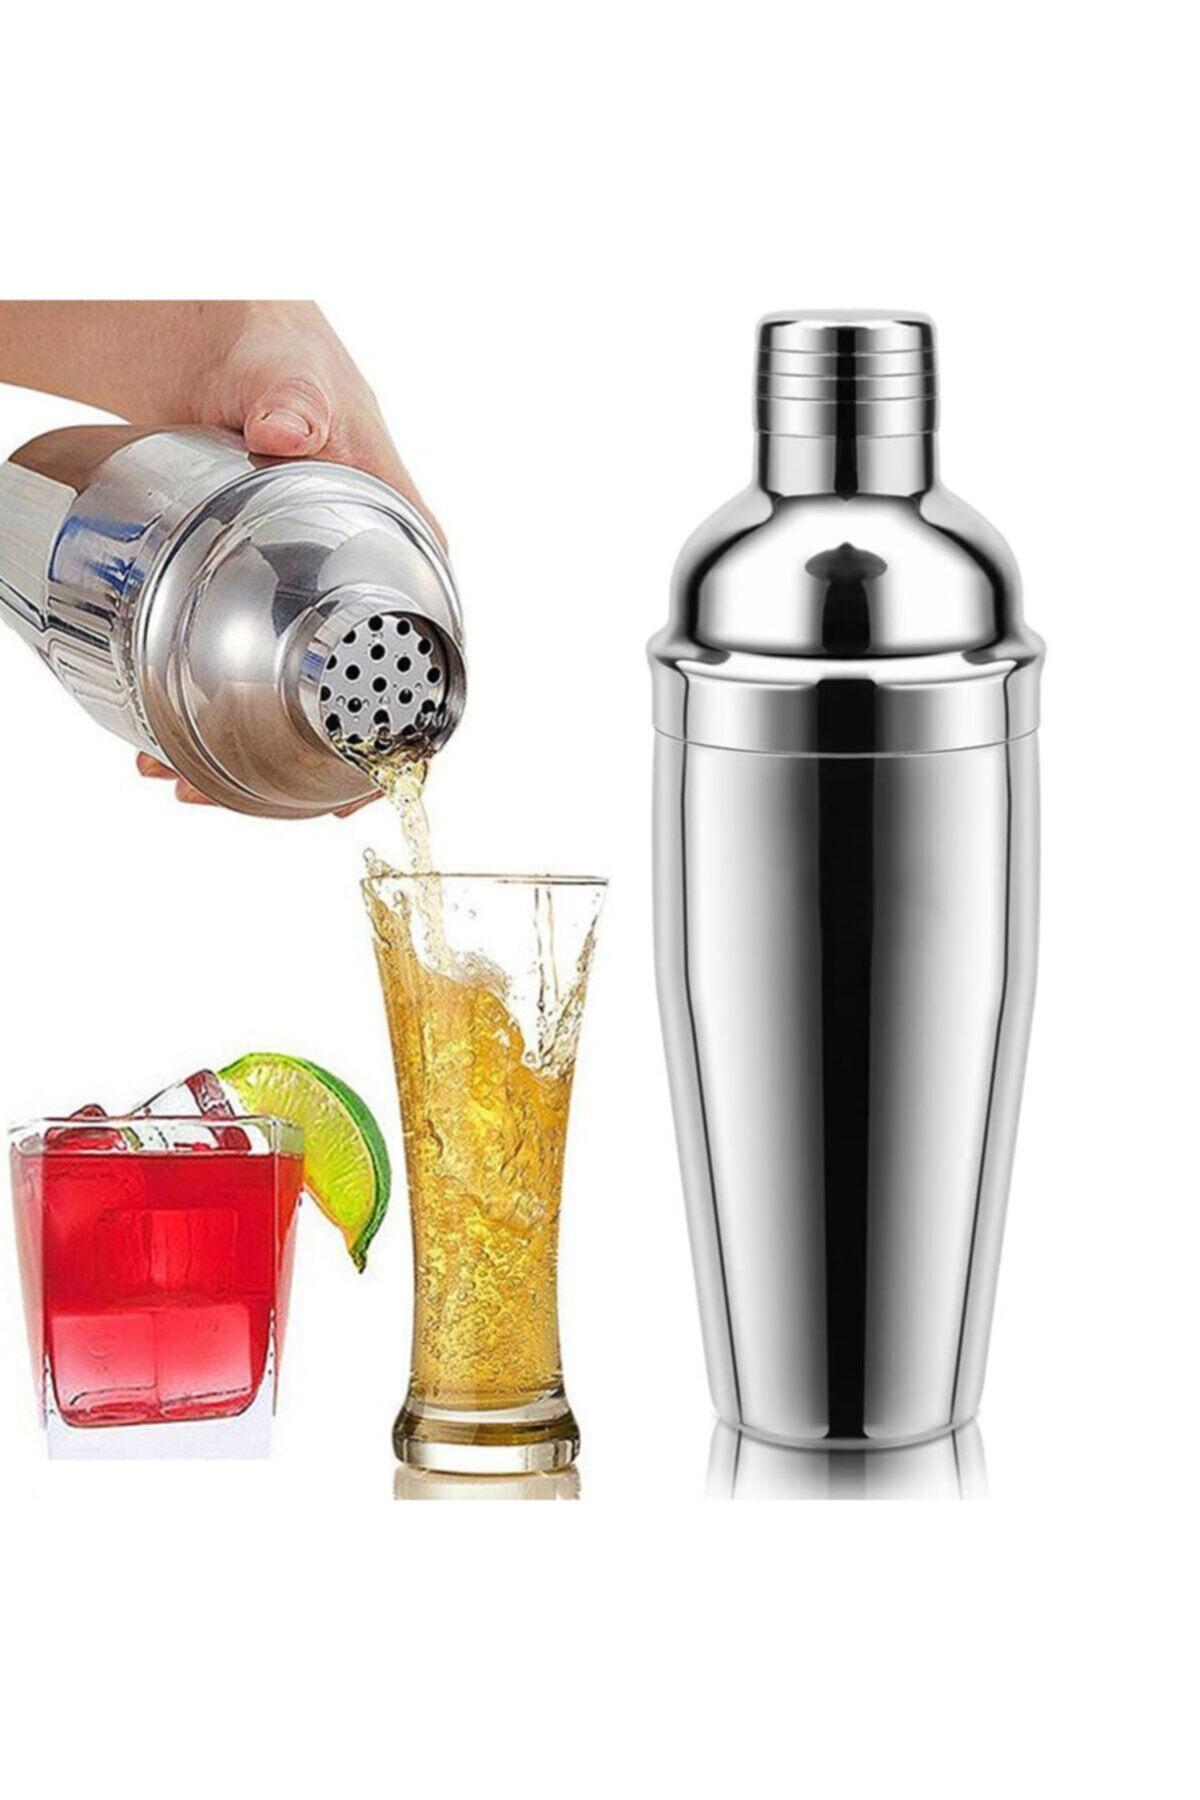 Leva House Çelik Kokteyl Shaker Biradlı 700 Cl 1